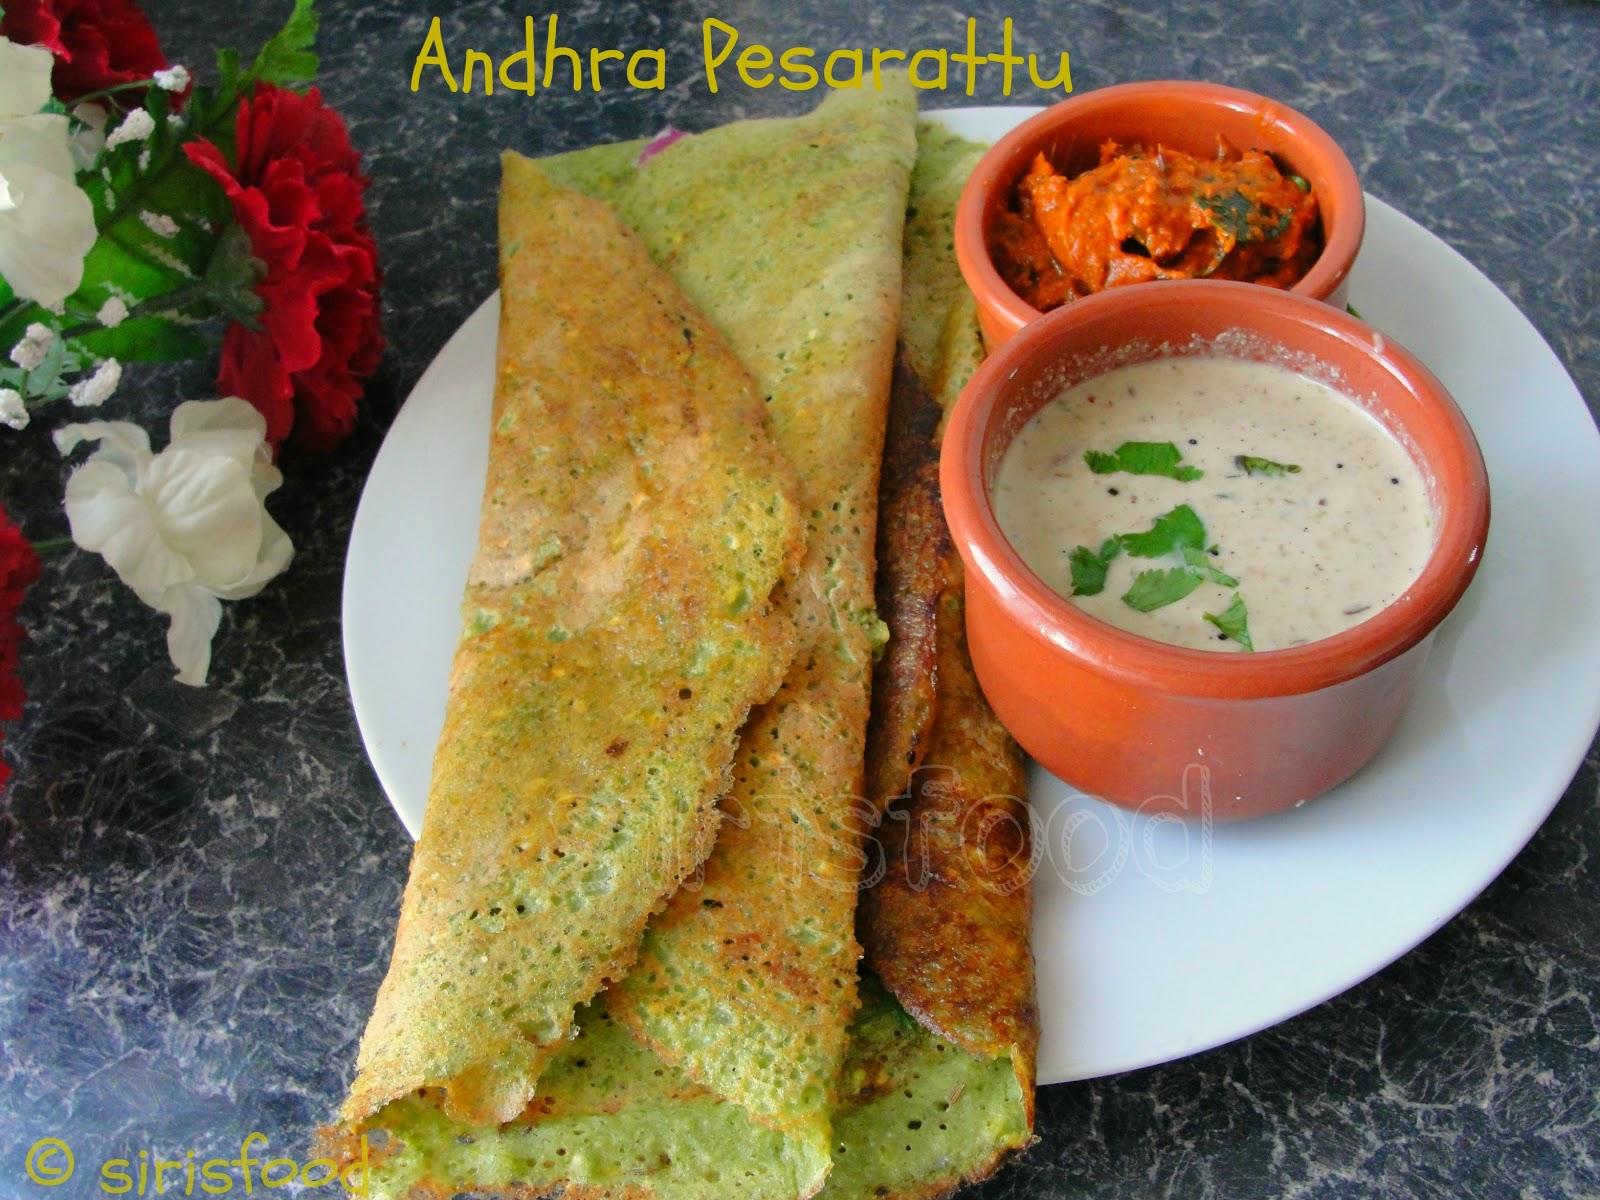 Andhra pesarattu green gram dosa andhra speical recipes sirisfood andhra pesarattu green gram dosa andhra speical recipes forumfinder Image collections